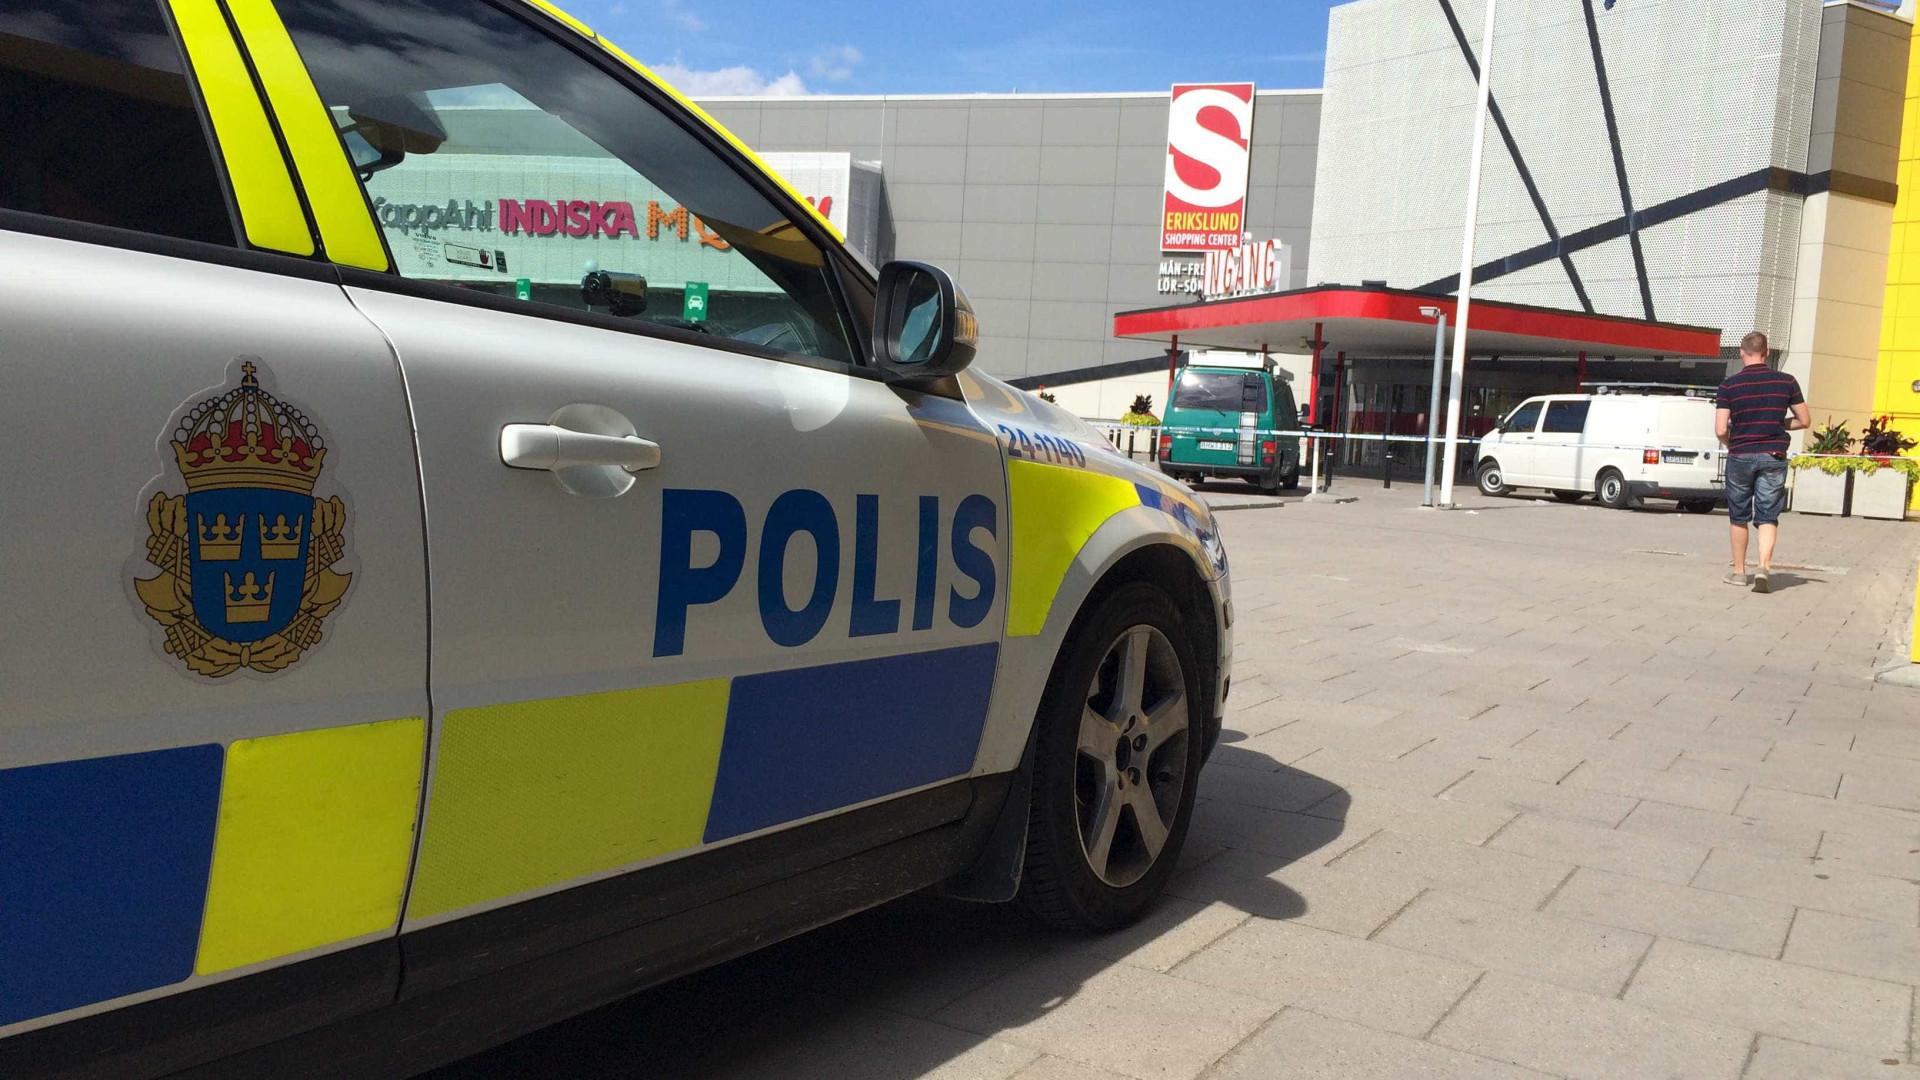 Morreu mais uma das vítimas do tiroteio na Suécia